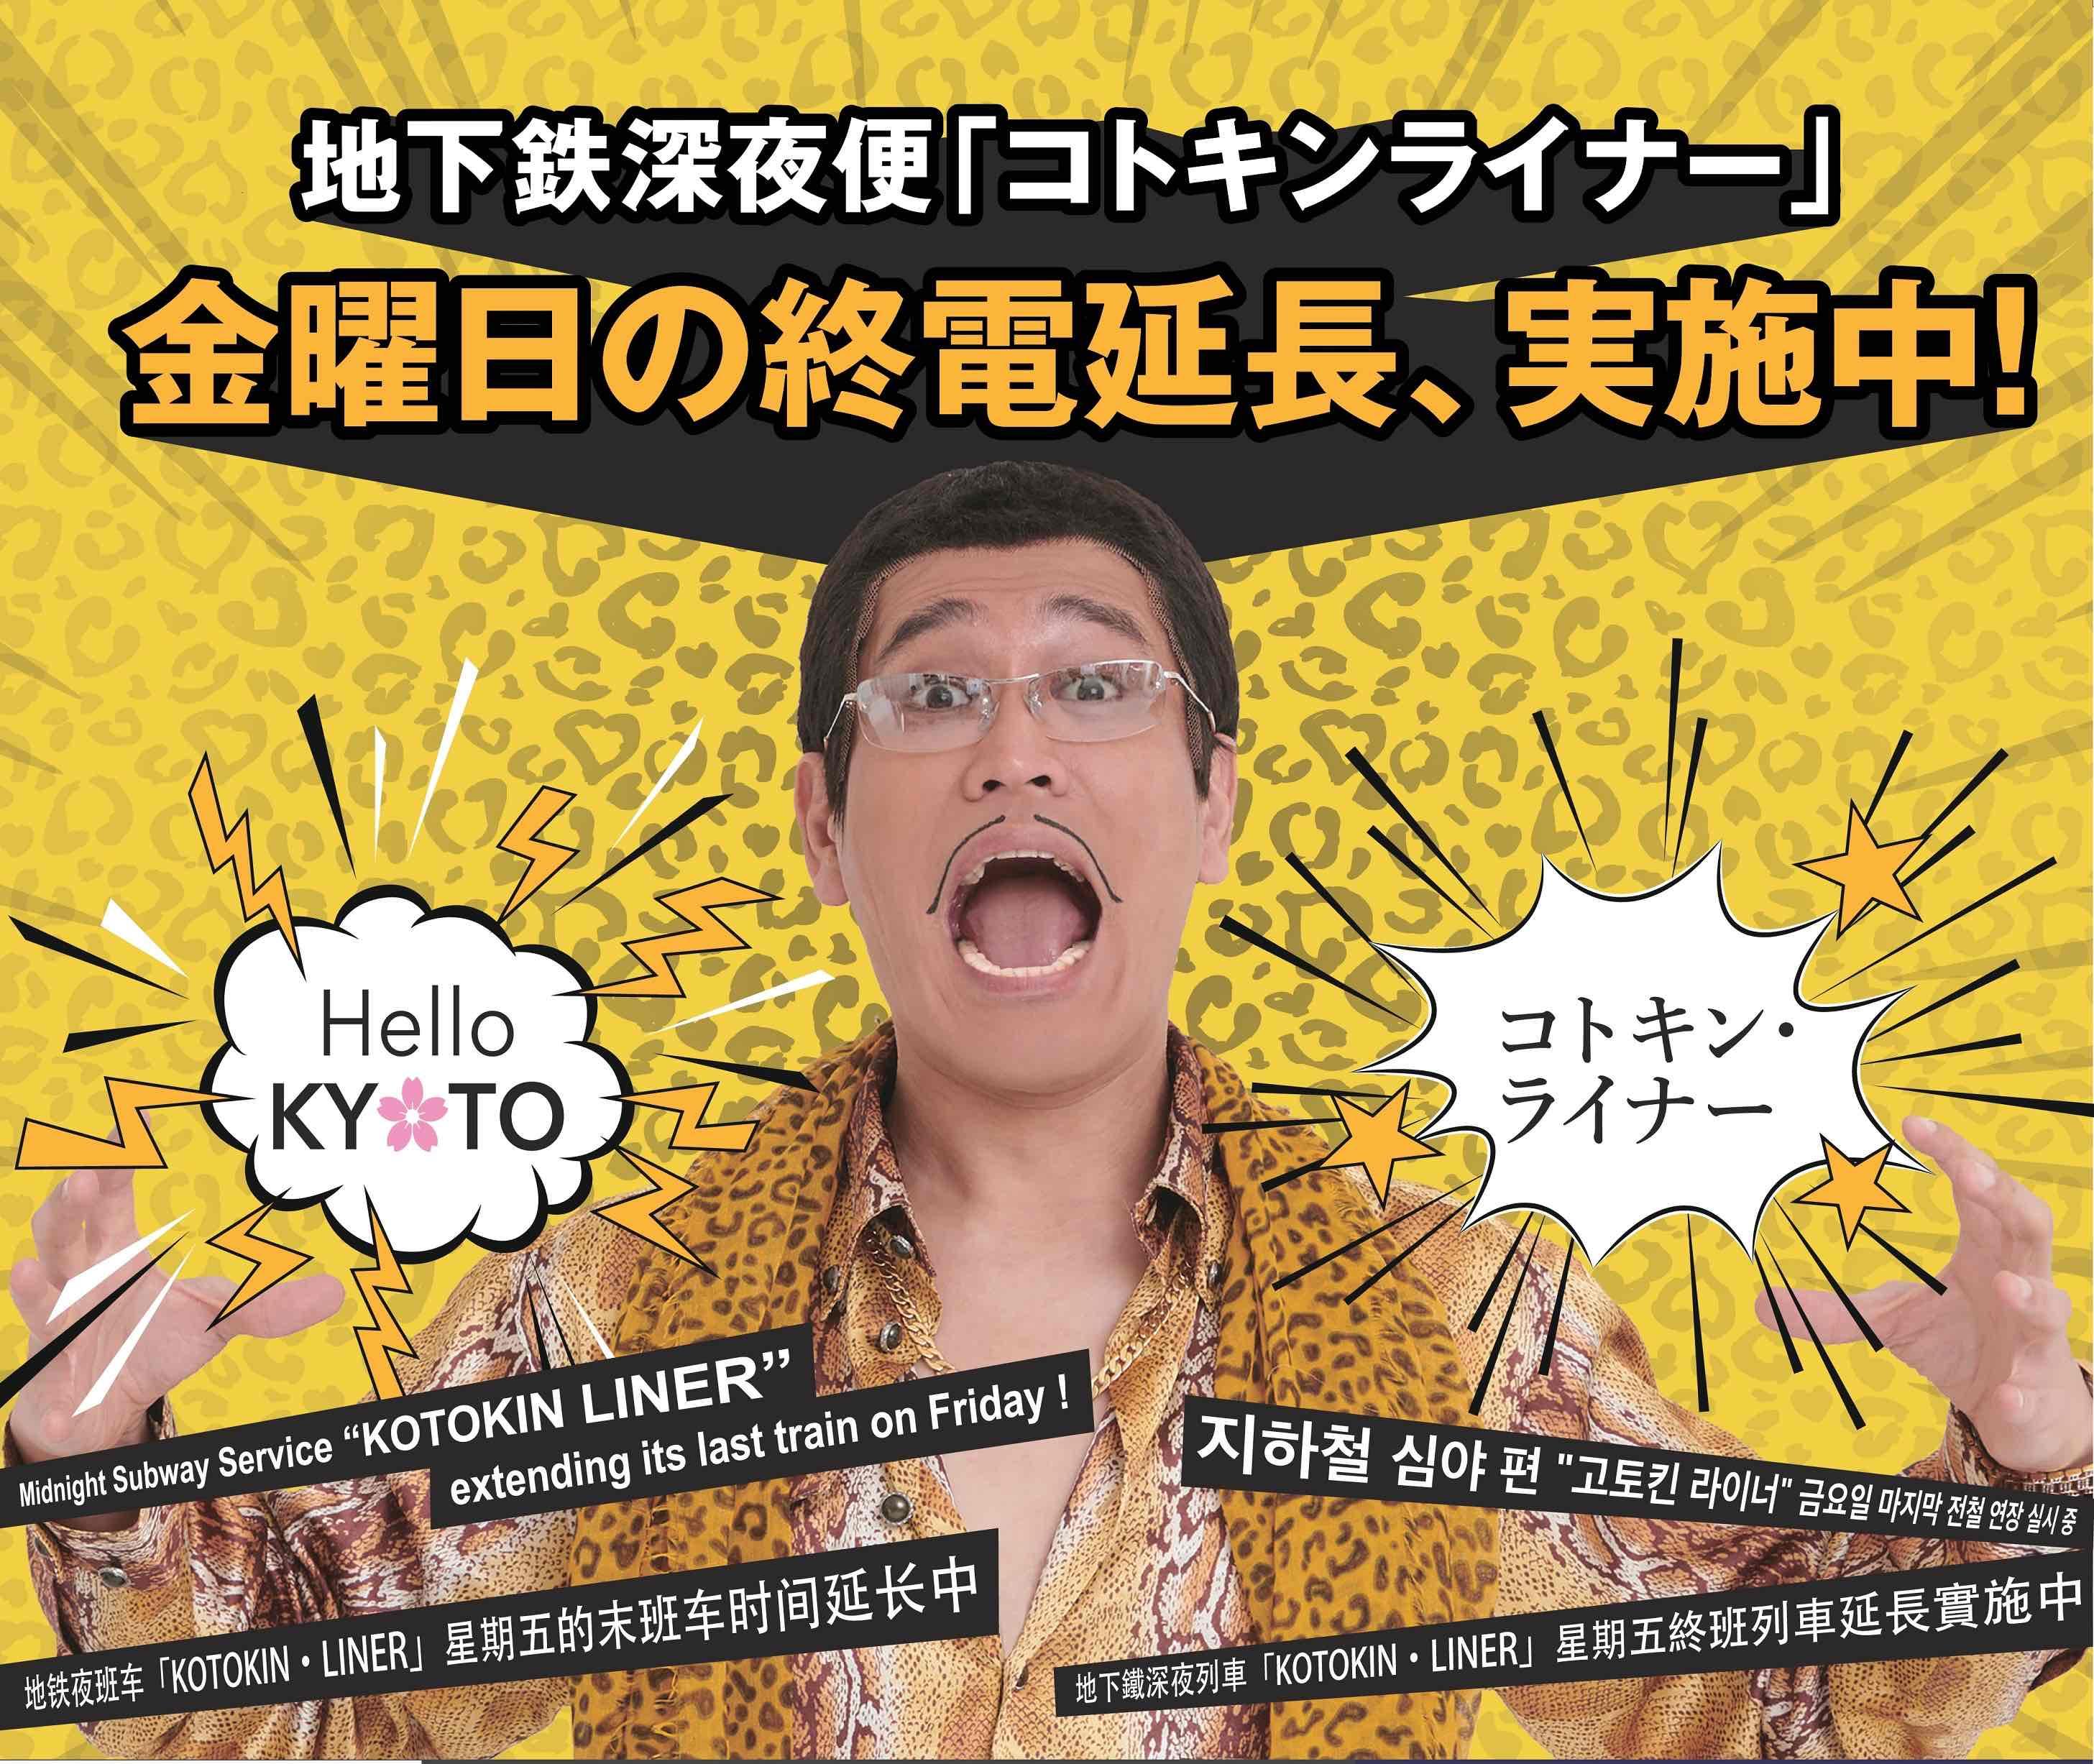 京都市、ピコ太郎さん起用で公式アプリなどPRキャンペーン、訪日客向けに4言語展開も